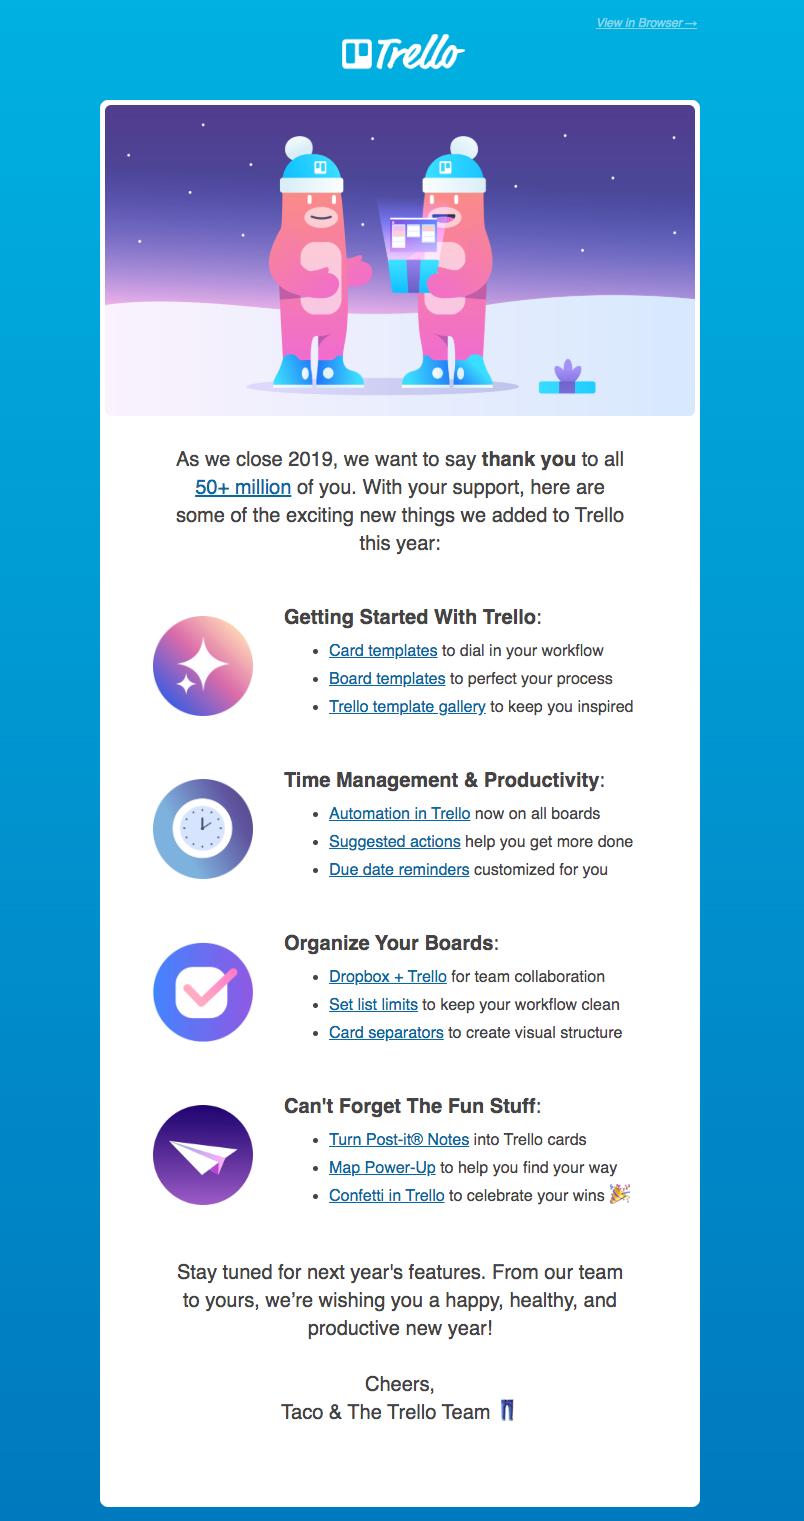 trello customer engagement email newsletter